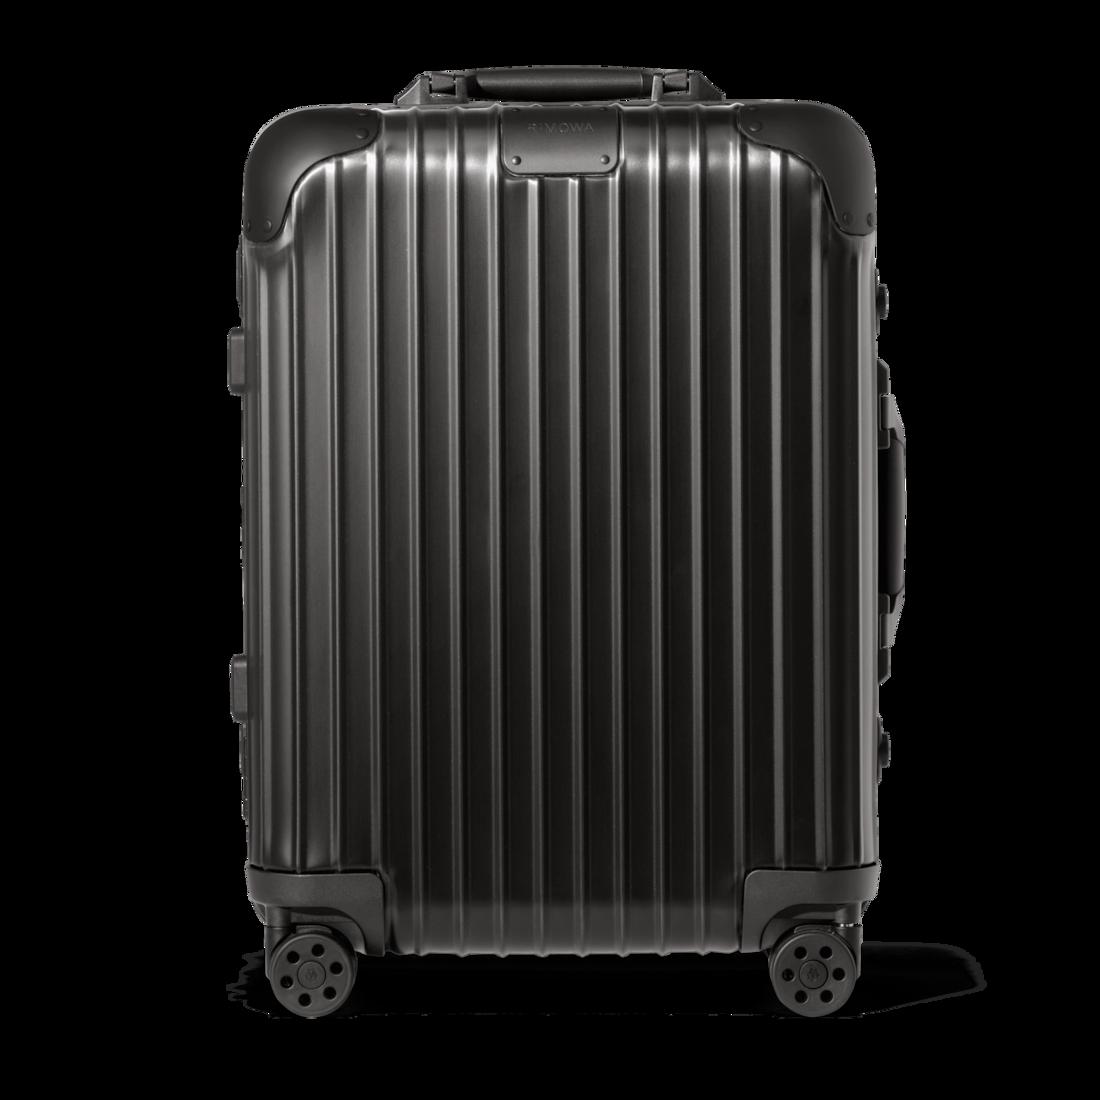 おしゃれなアルミ製スーツケース リモワ Cabin S